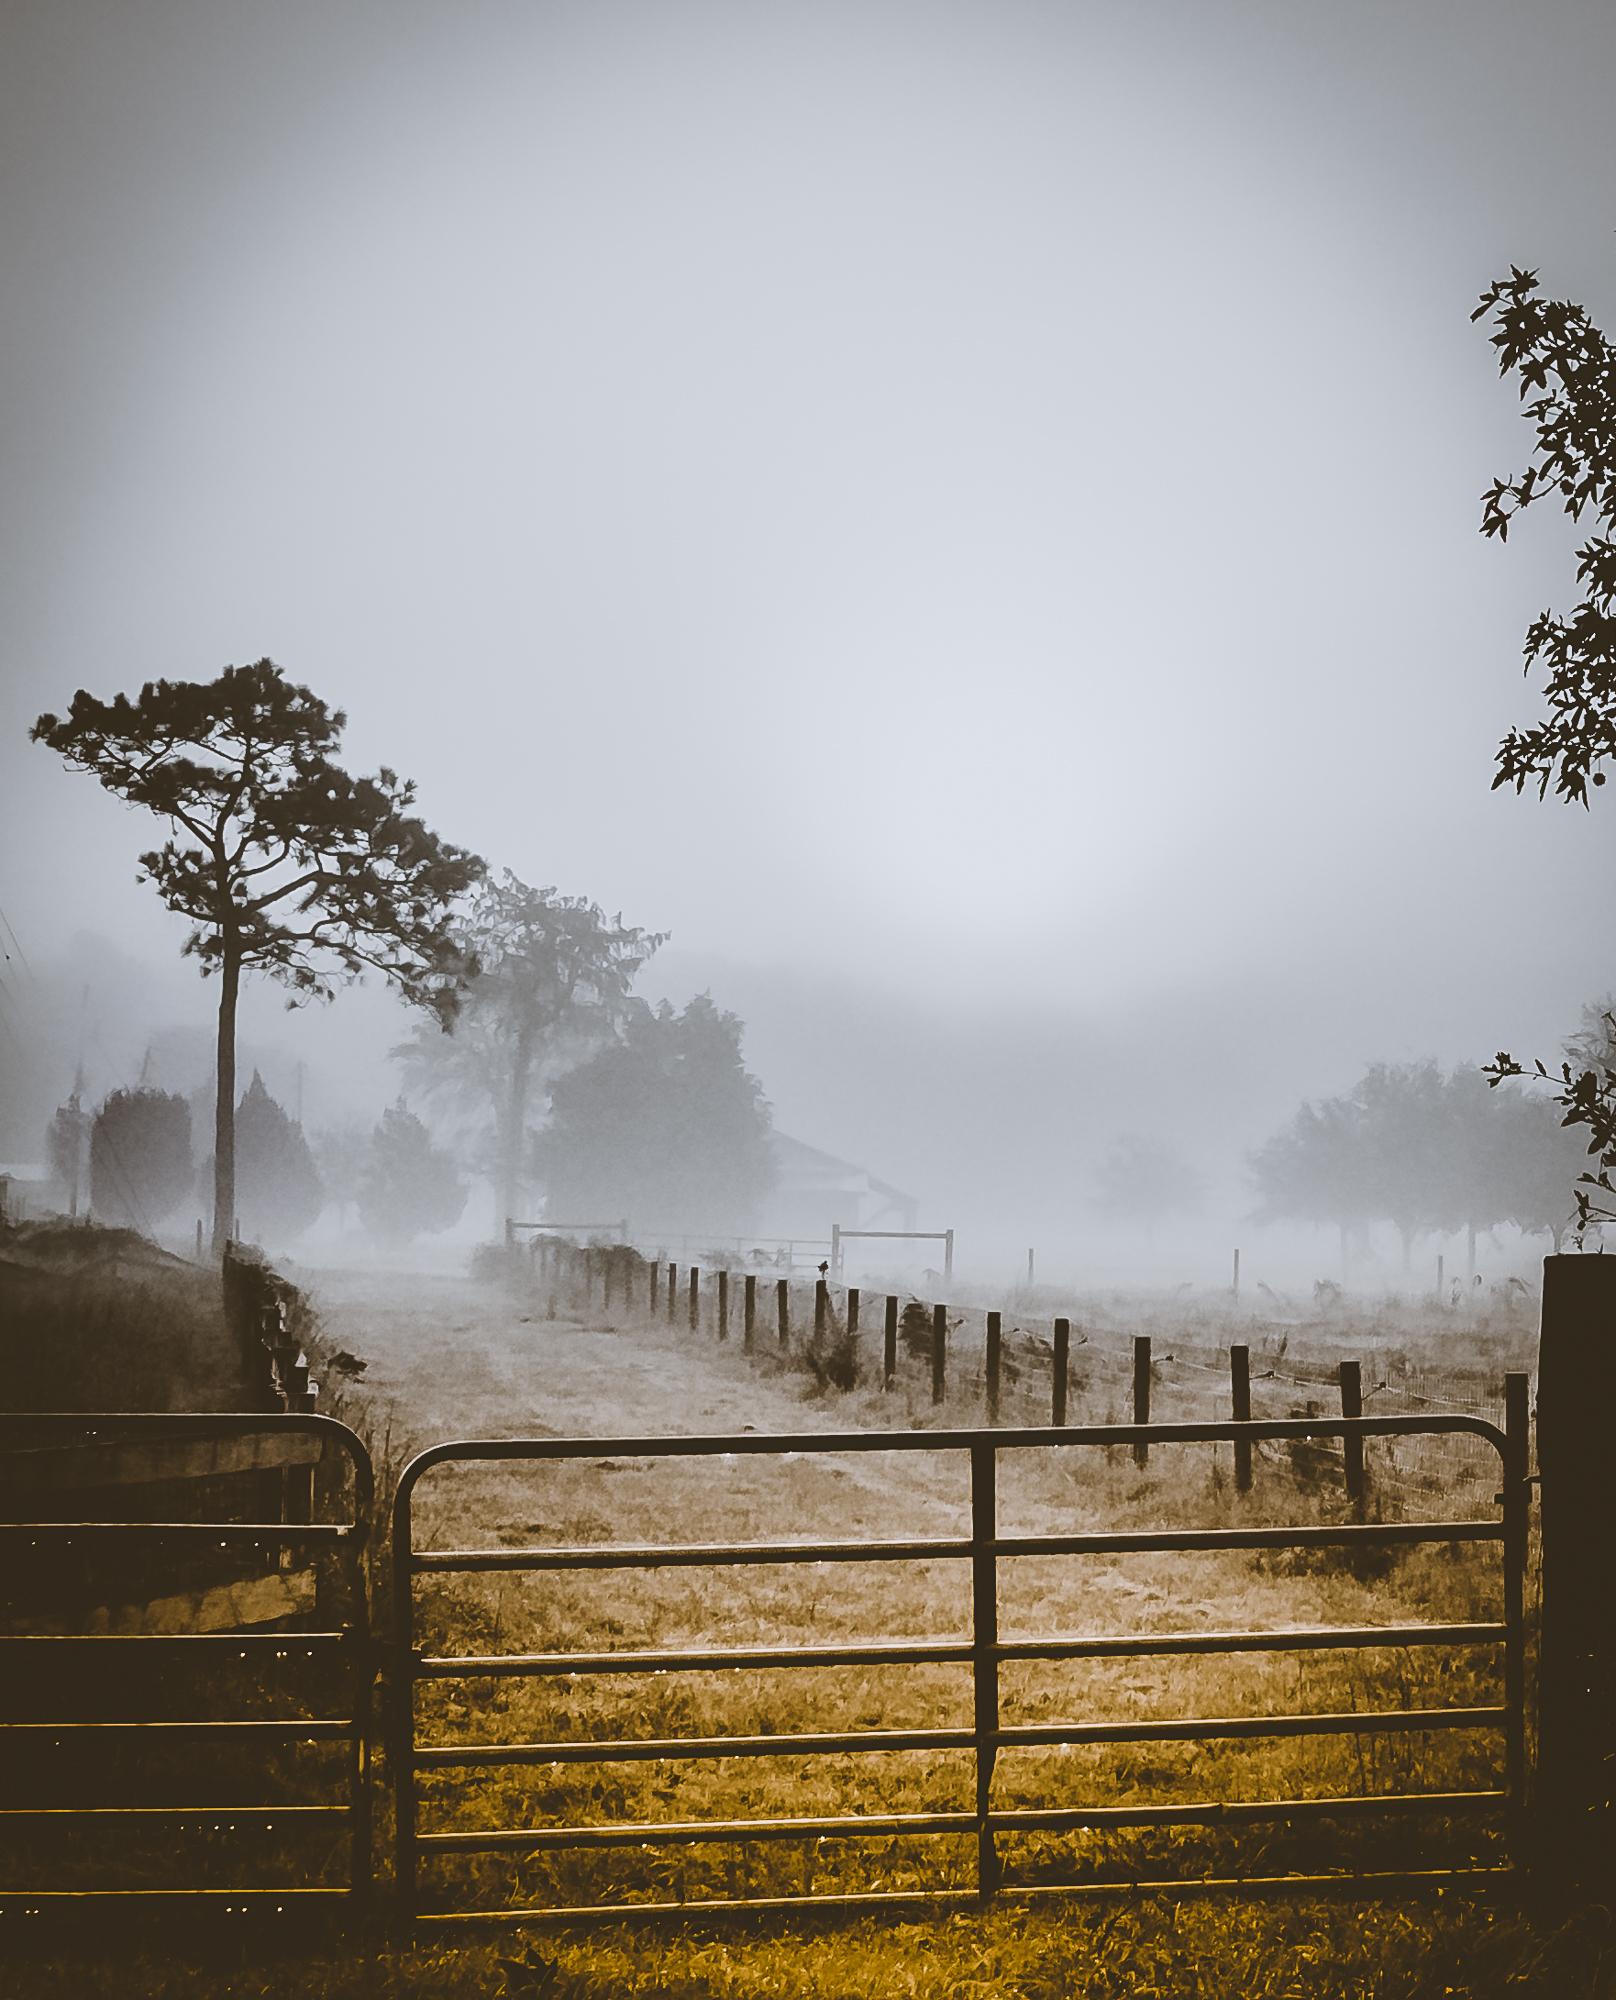 58075A - Foggy morning on the Farm